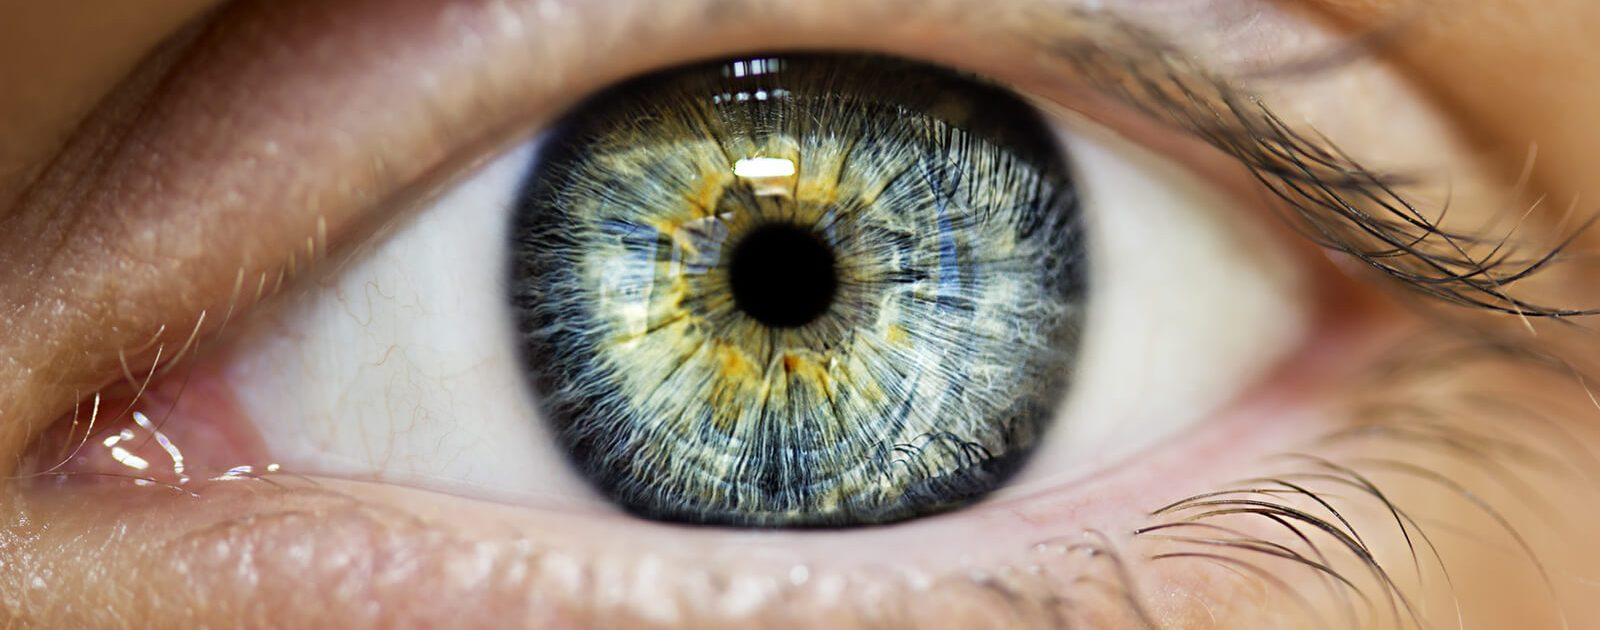 Das menschliche Auge: Pupille umgeben von der Iris